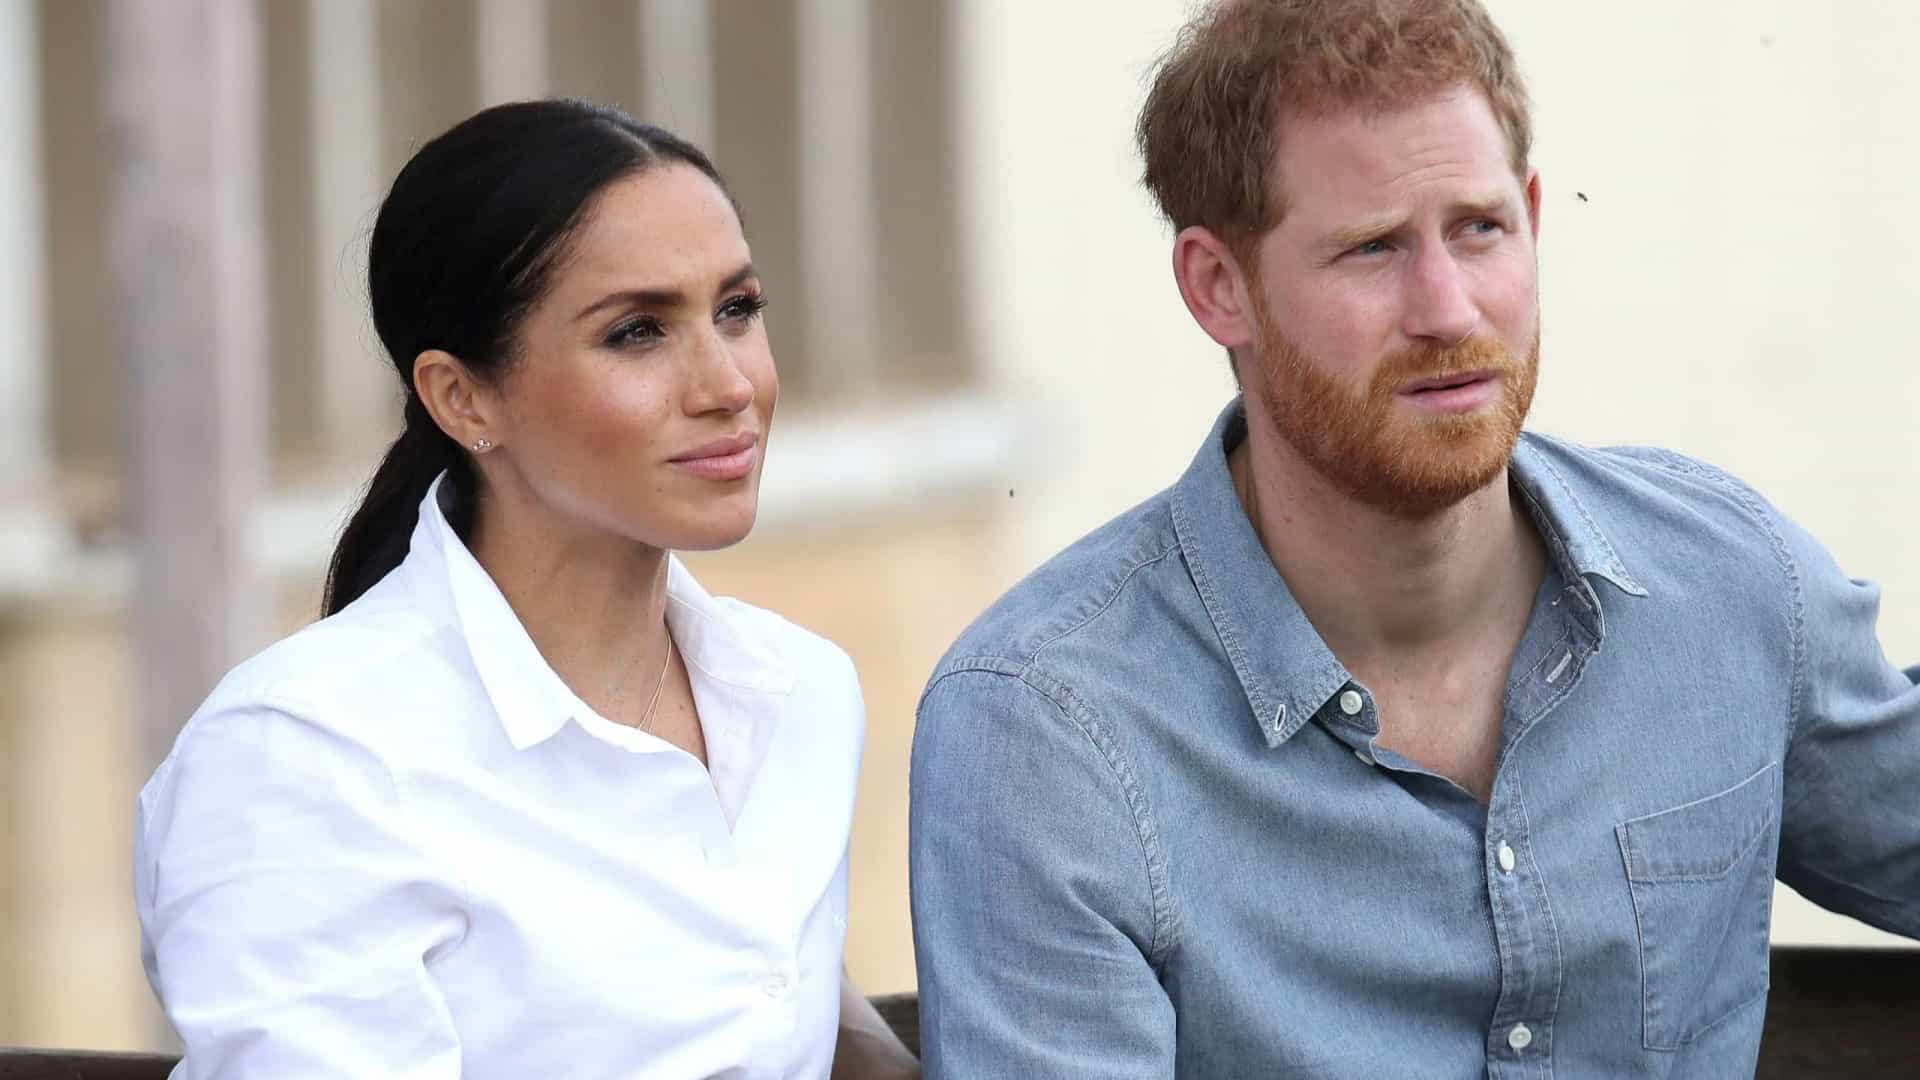 Deixar de viver em Inglaterra? Príncipe Harry comenta possibilidade